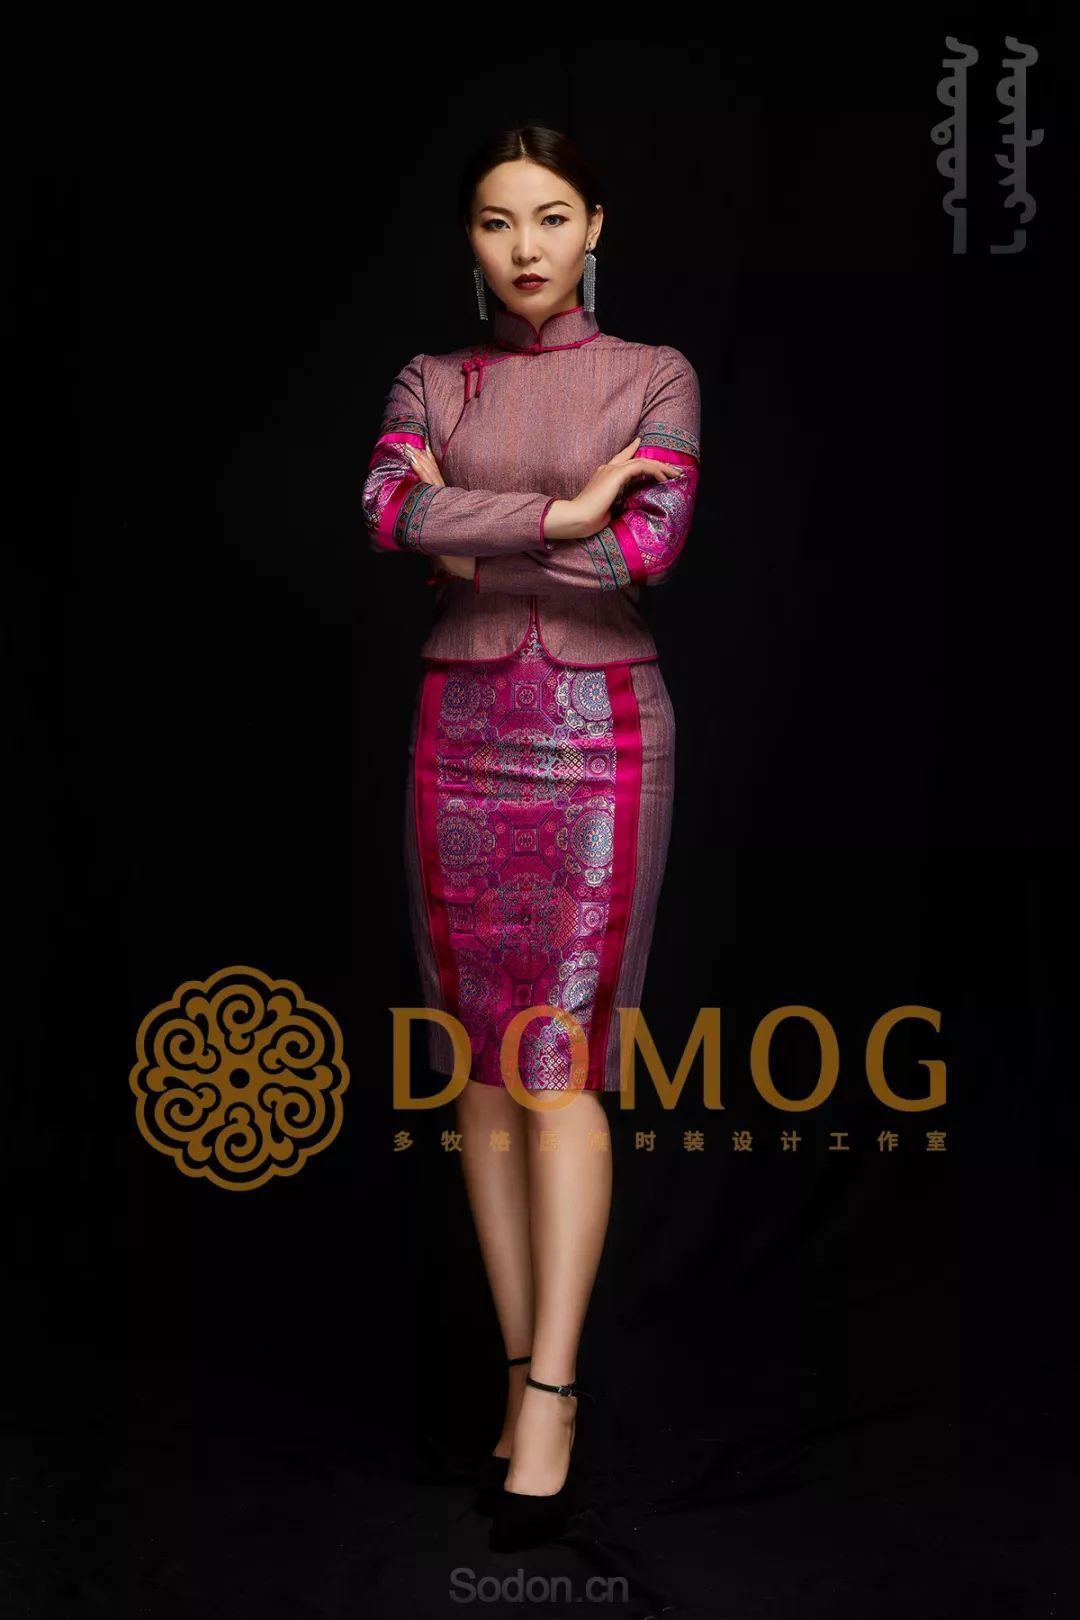 DOMOG蒙古时装绝美秋冬款系列,美出新高度! 第32张